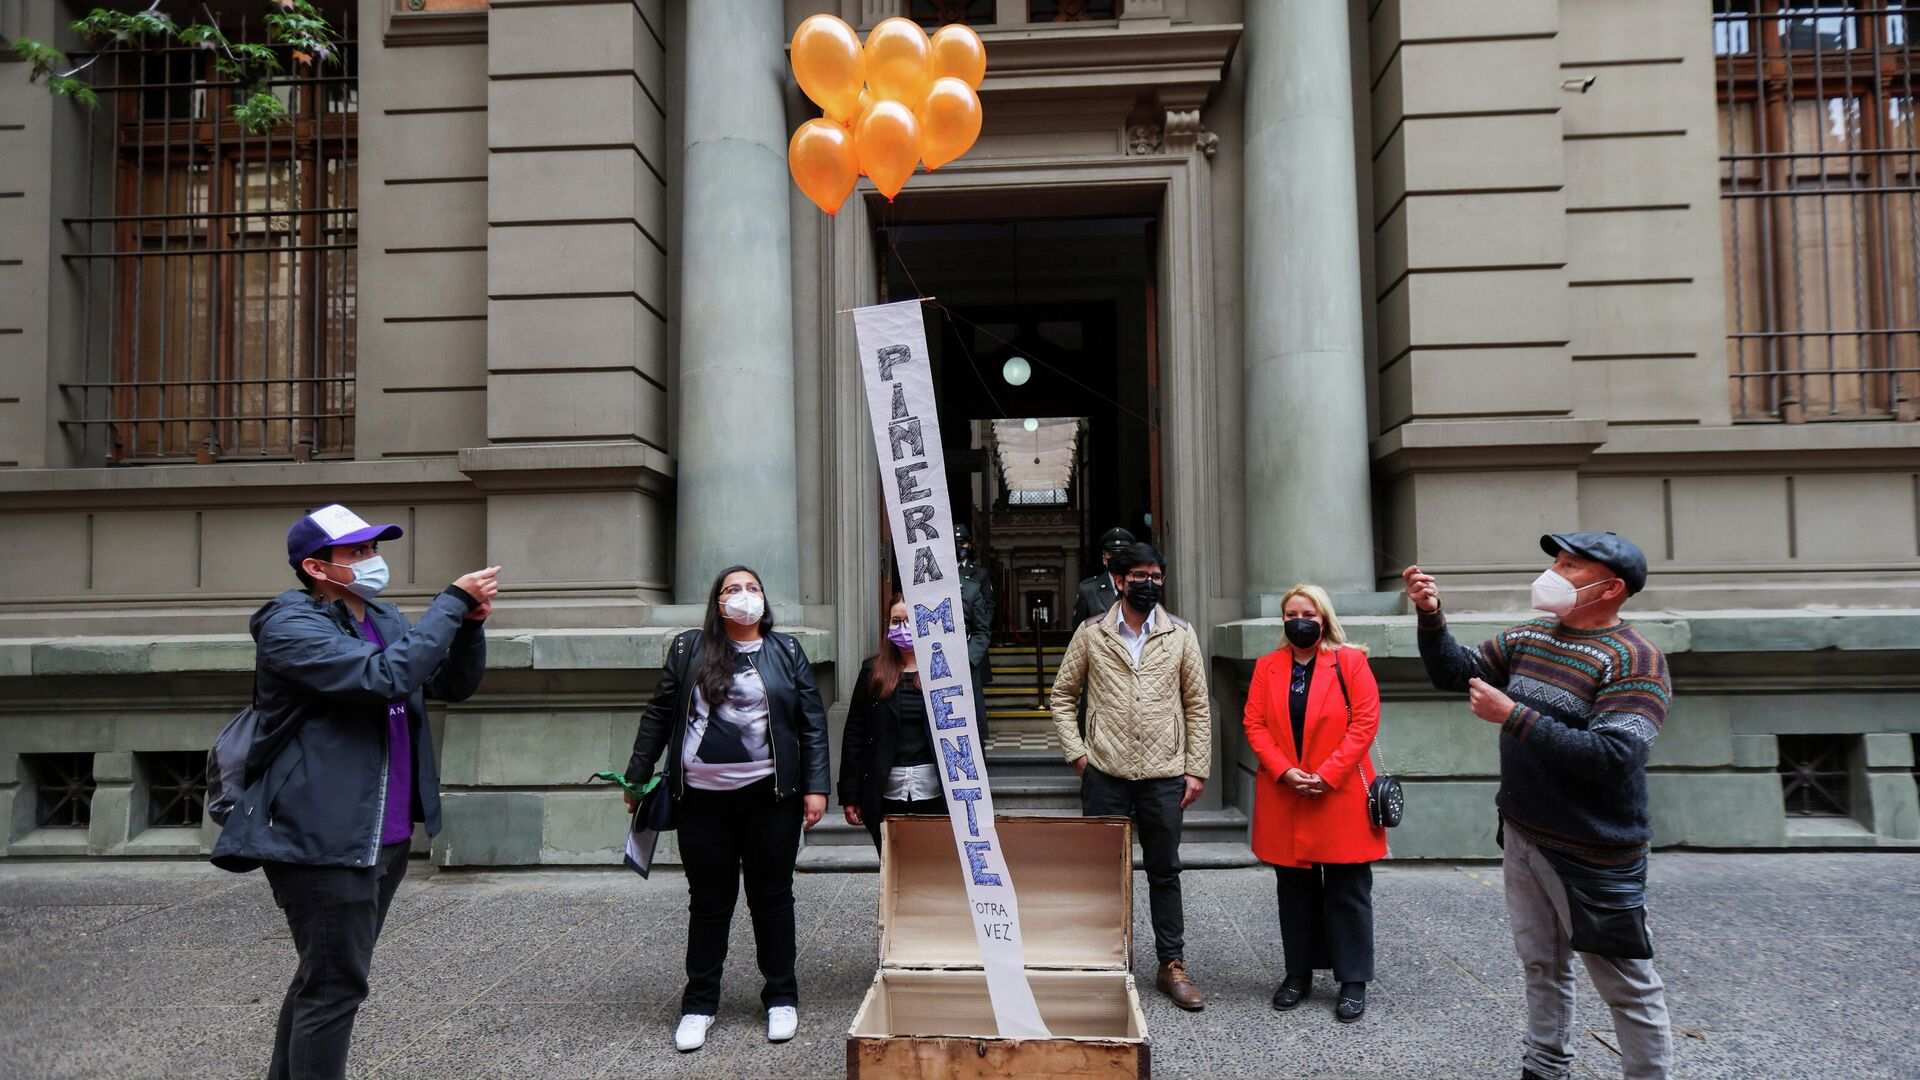 Protesta contra el presidente de Chile, Santiago Piñera, en Santiago, Chile - Sputnik Mundo, 1920, 08.10.2021